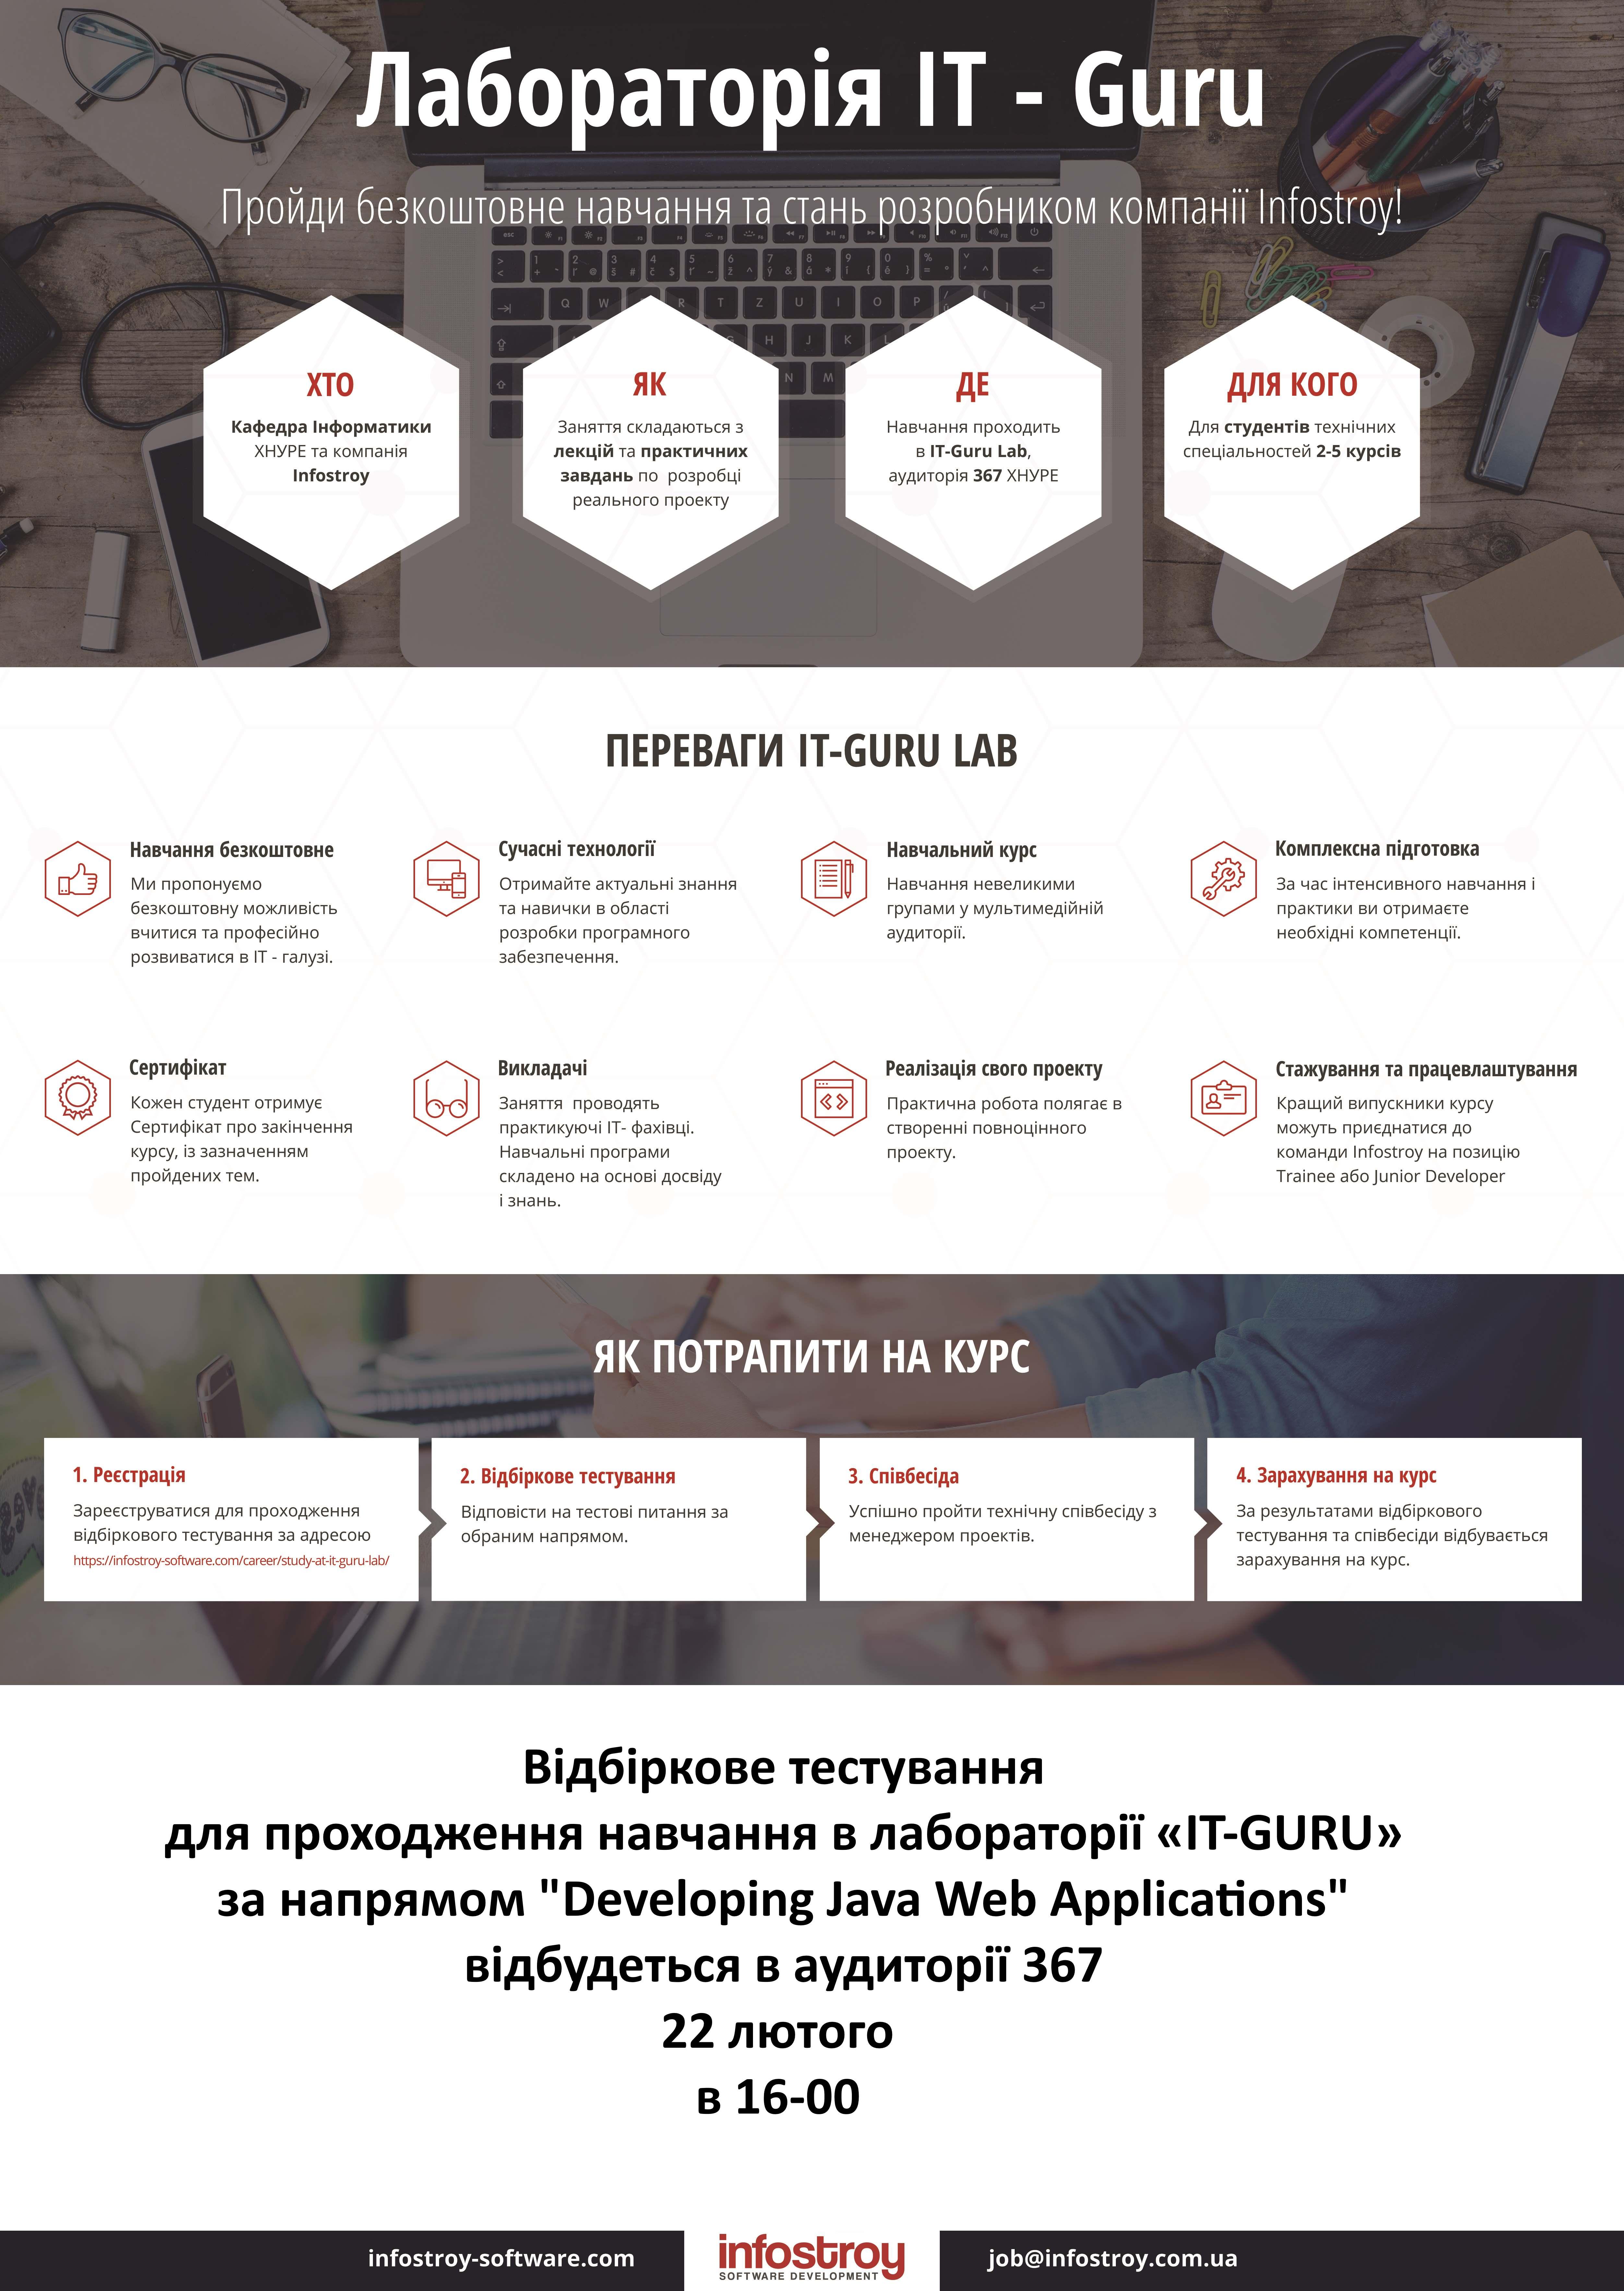 Відбіркове тестування лабораторії ІТ-GURU